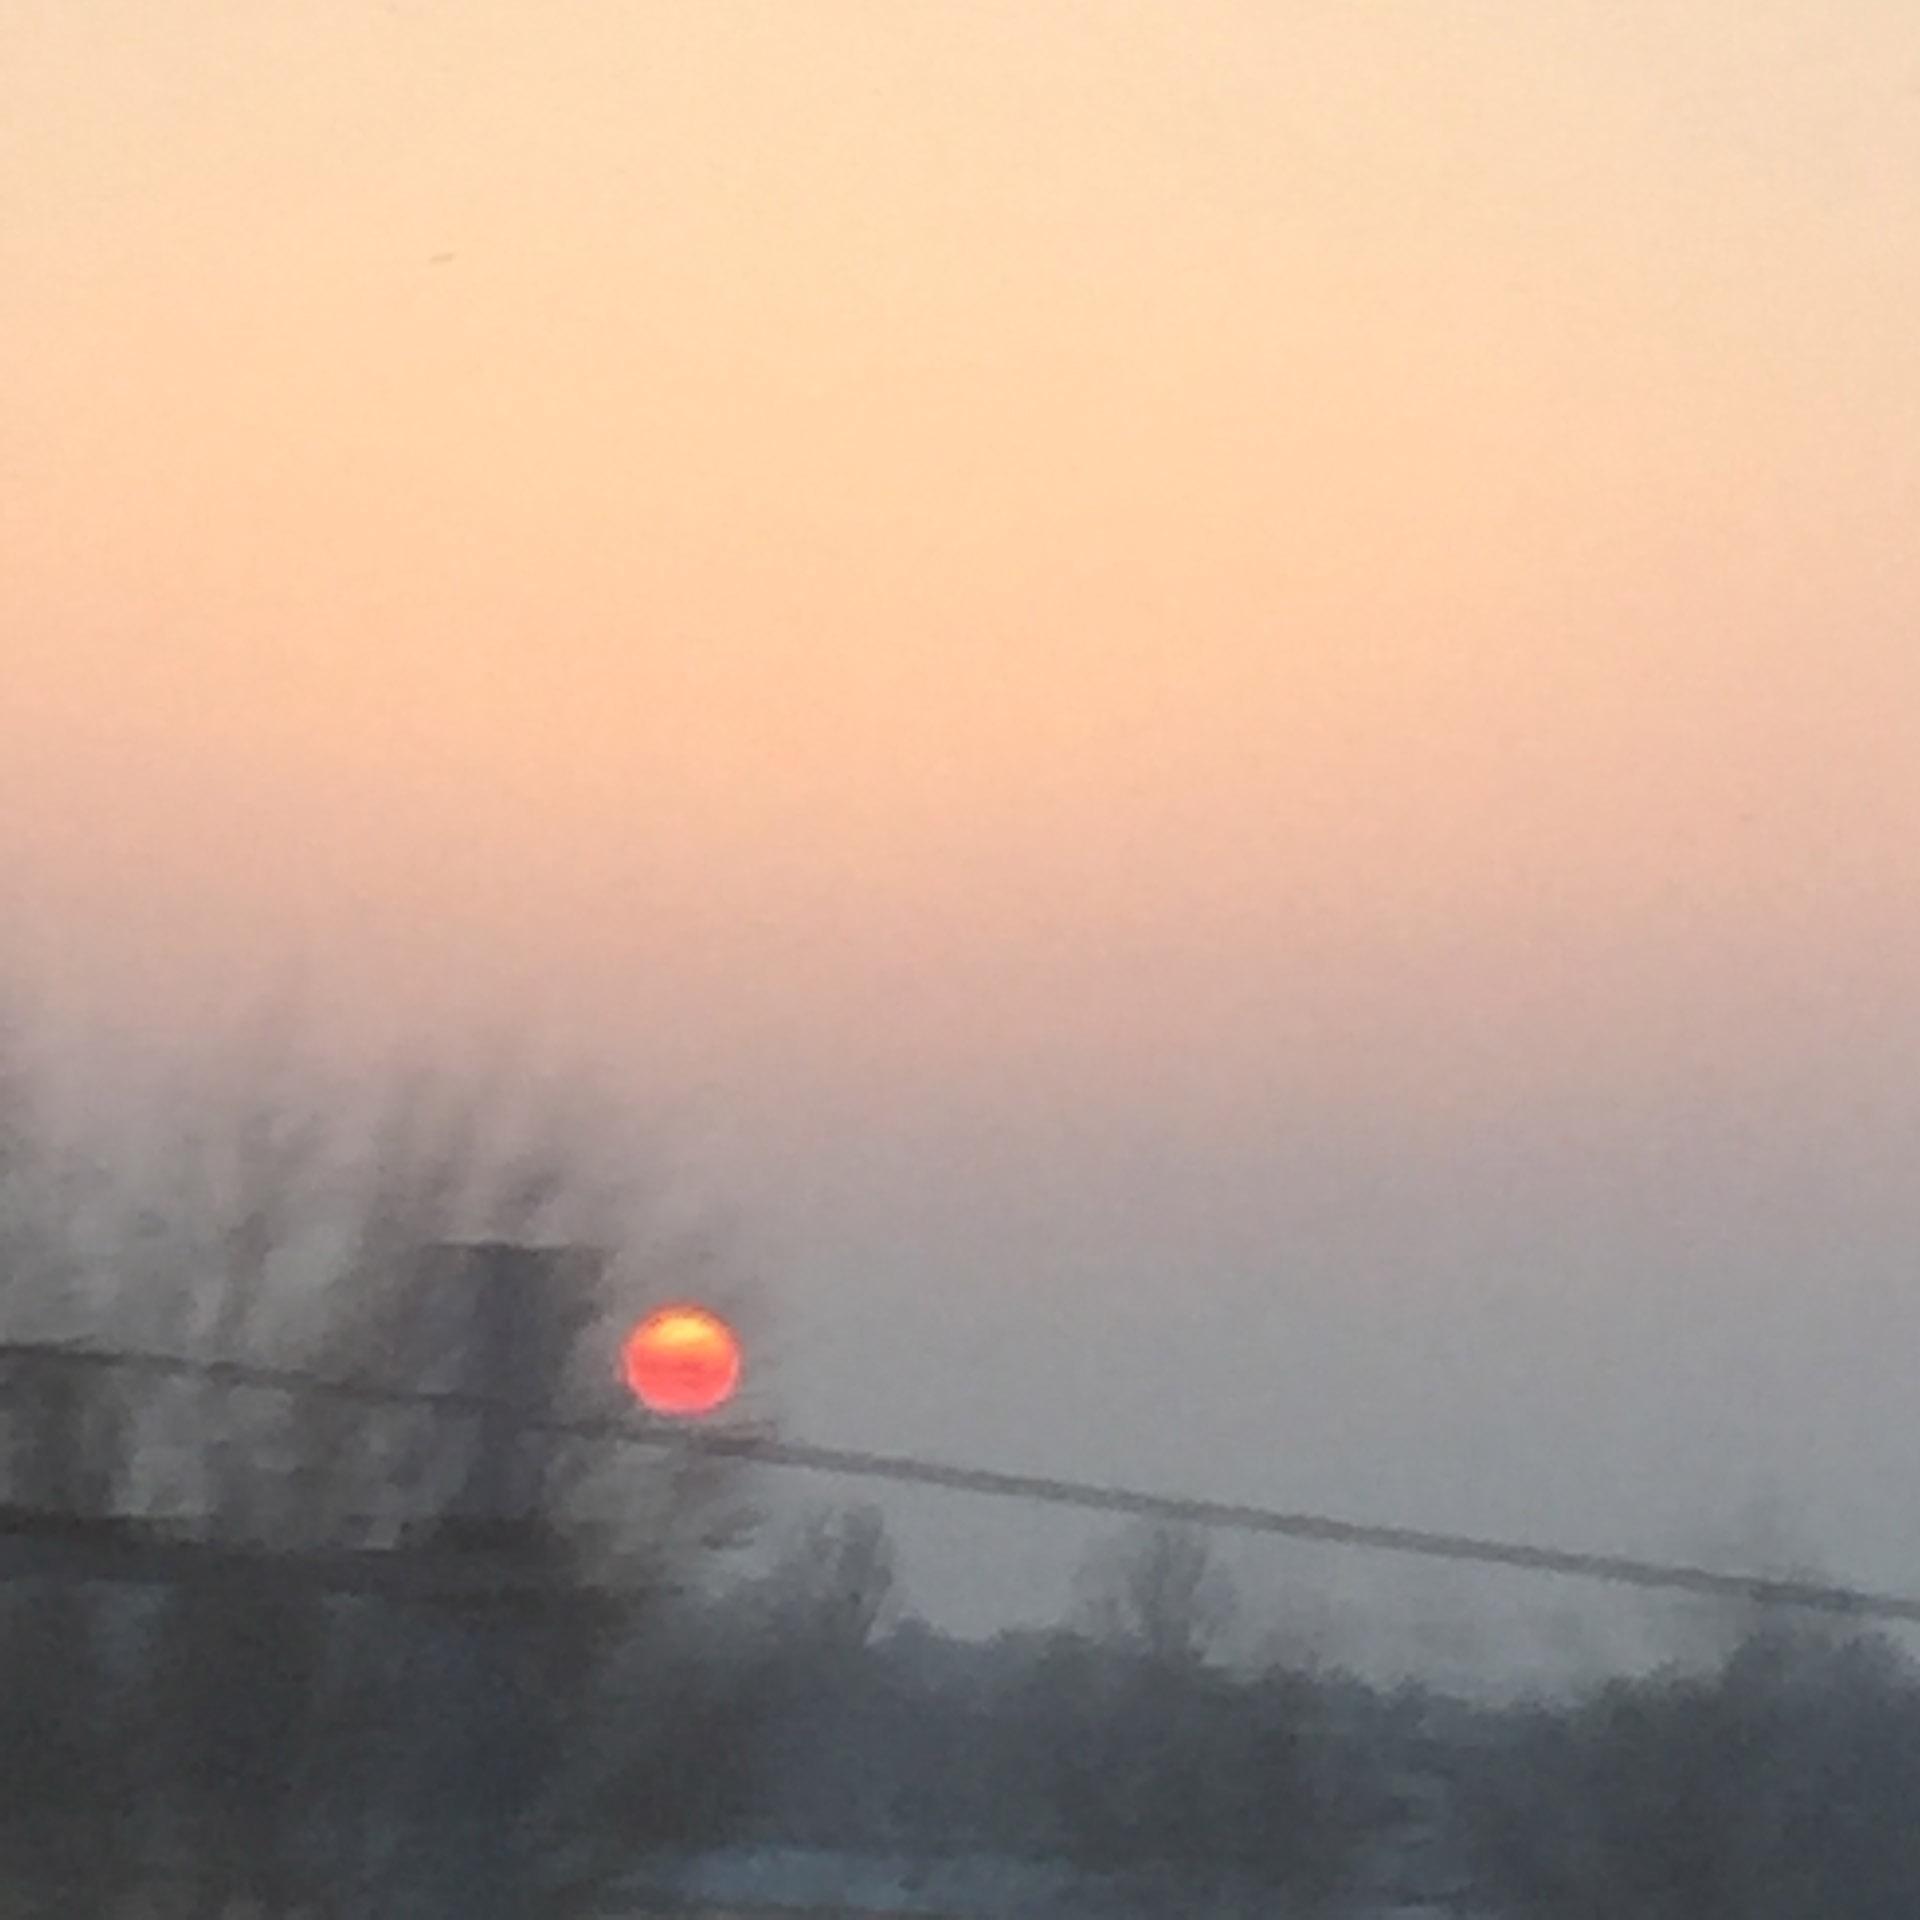 zon op lijn.jpg